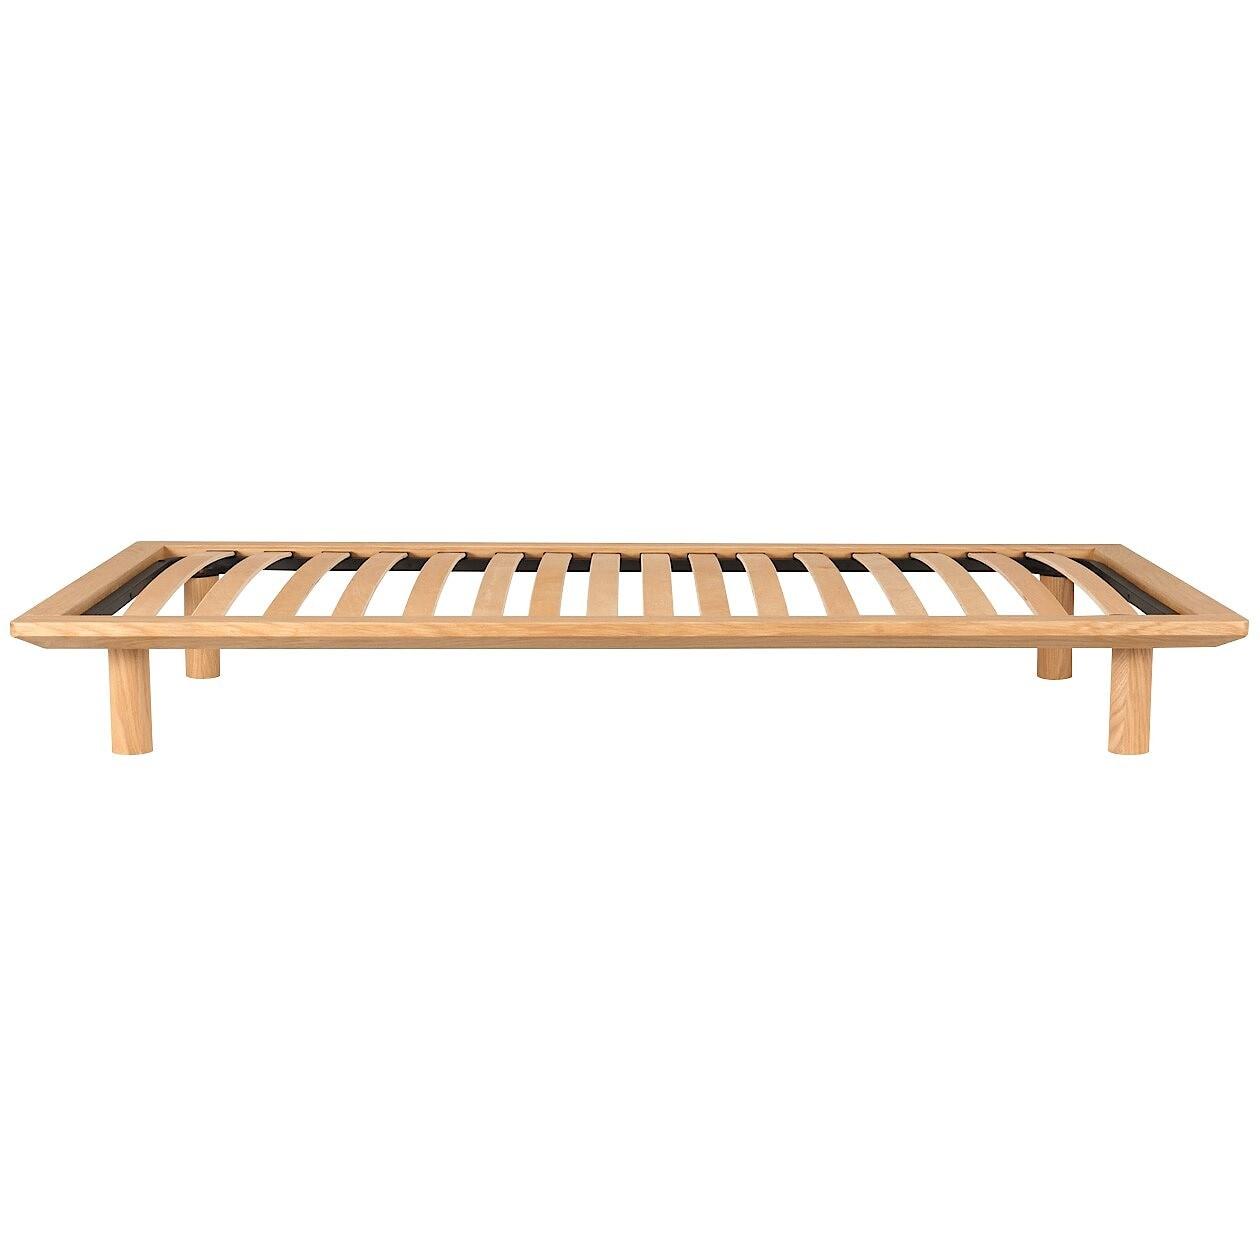 ベッドフレーム・スモール・オーク材 幅85.5×奥行202×高さ5.5cm